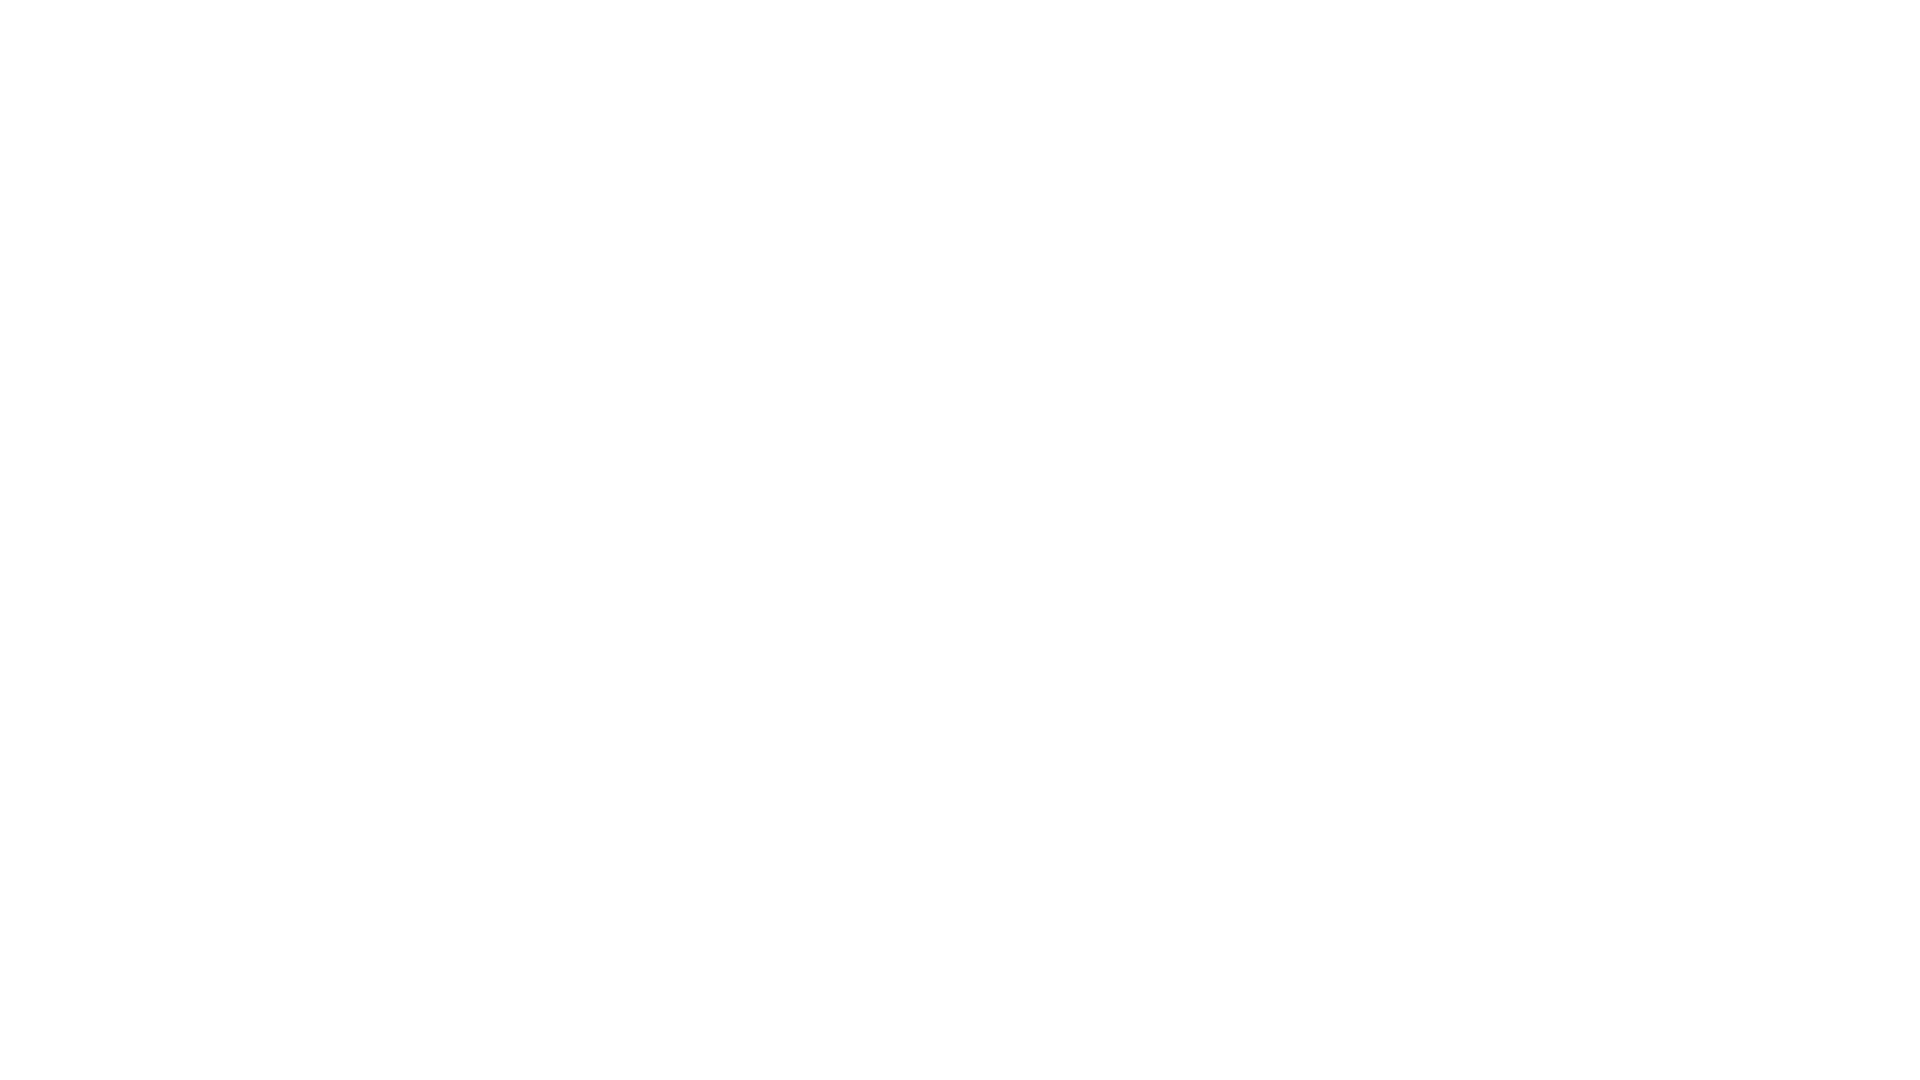 蝶が如く ~ピンク通りの二輪車ソープランド12~ - 大倉ひろみ【乱交・パイパン・マンぐり返し】